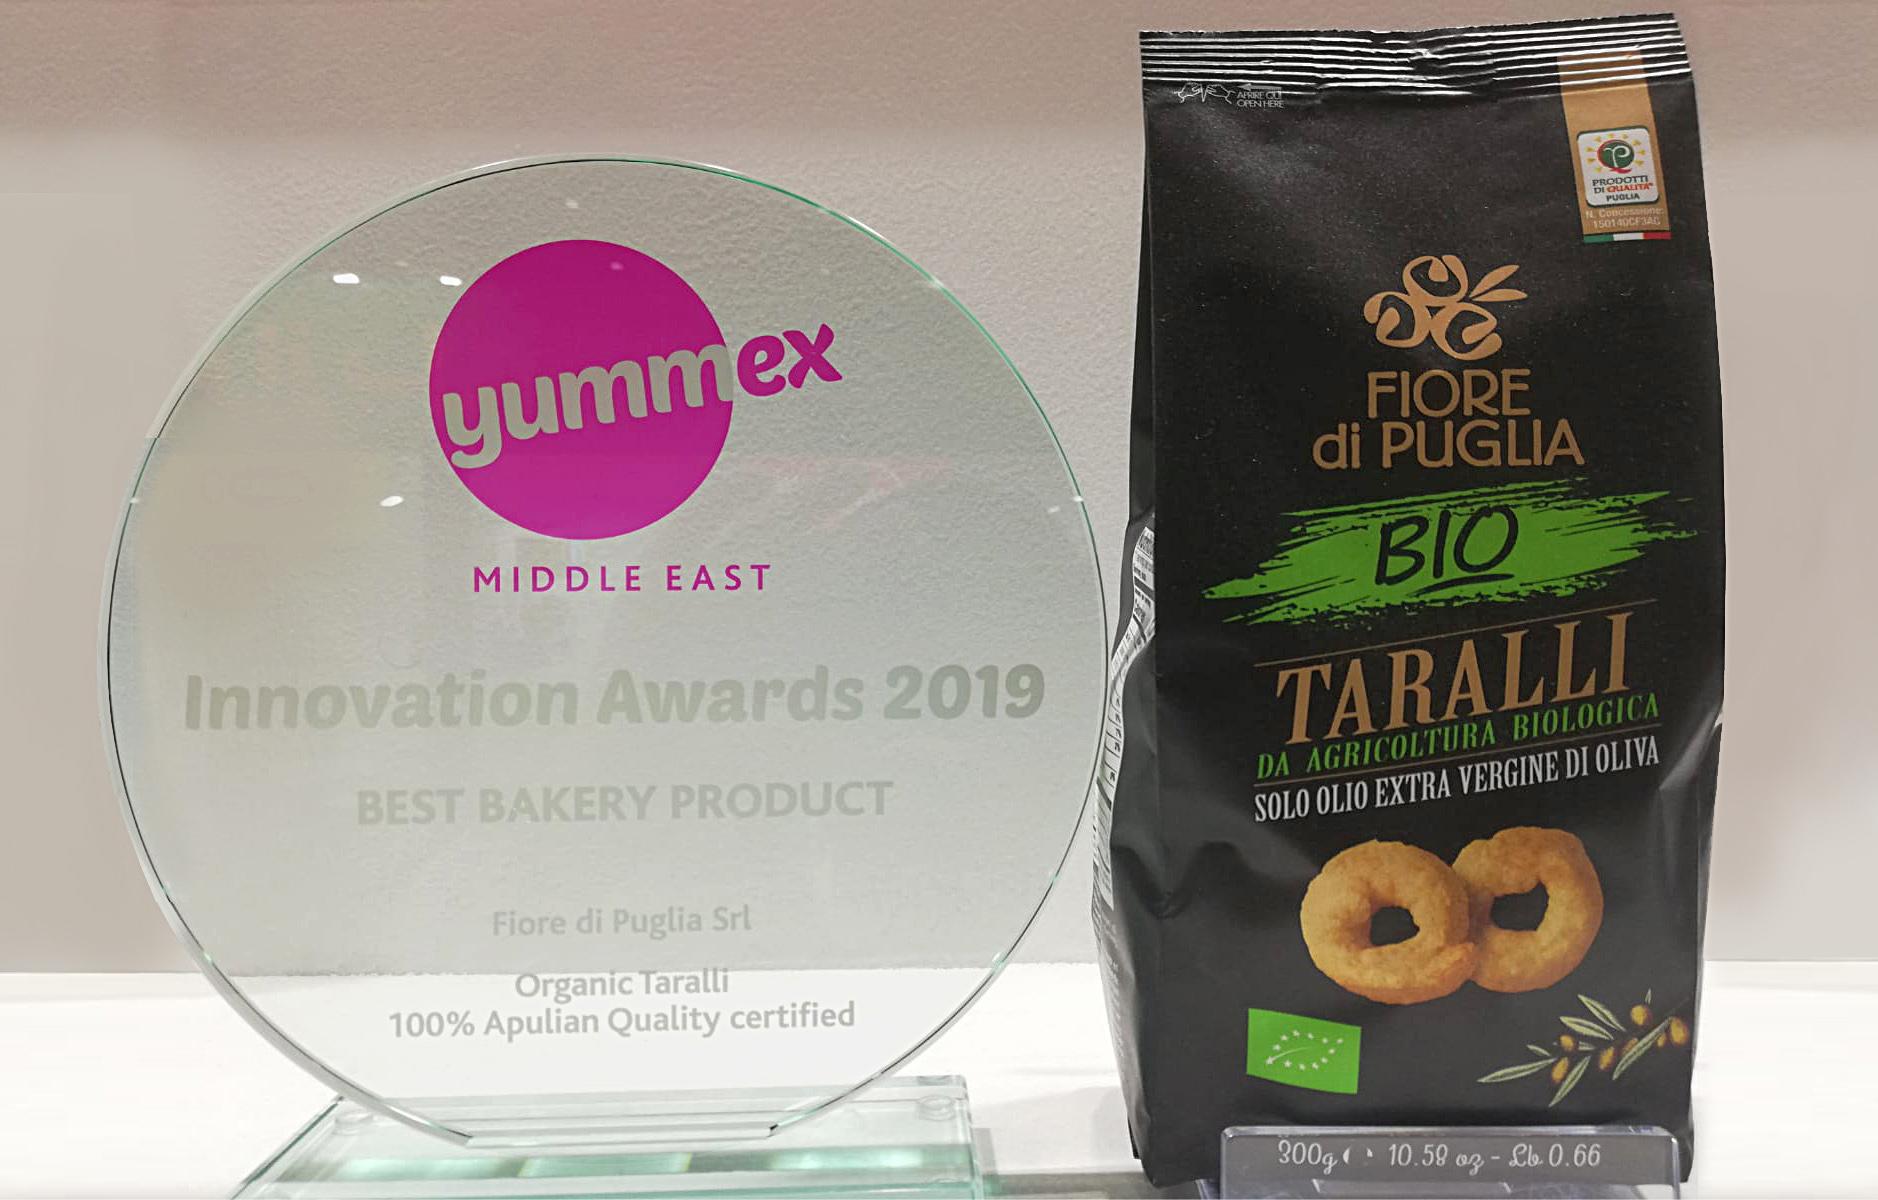 """DUBAI: FIORE DI PUGLIA VINCE IL PREMIO """"INNOVATION AWARDS BEST BAKERY PRODUCT"""""""